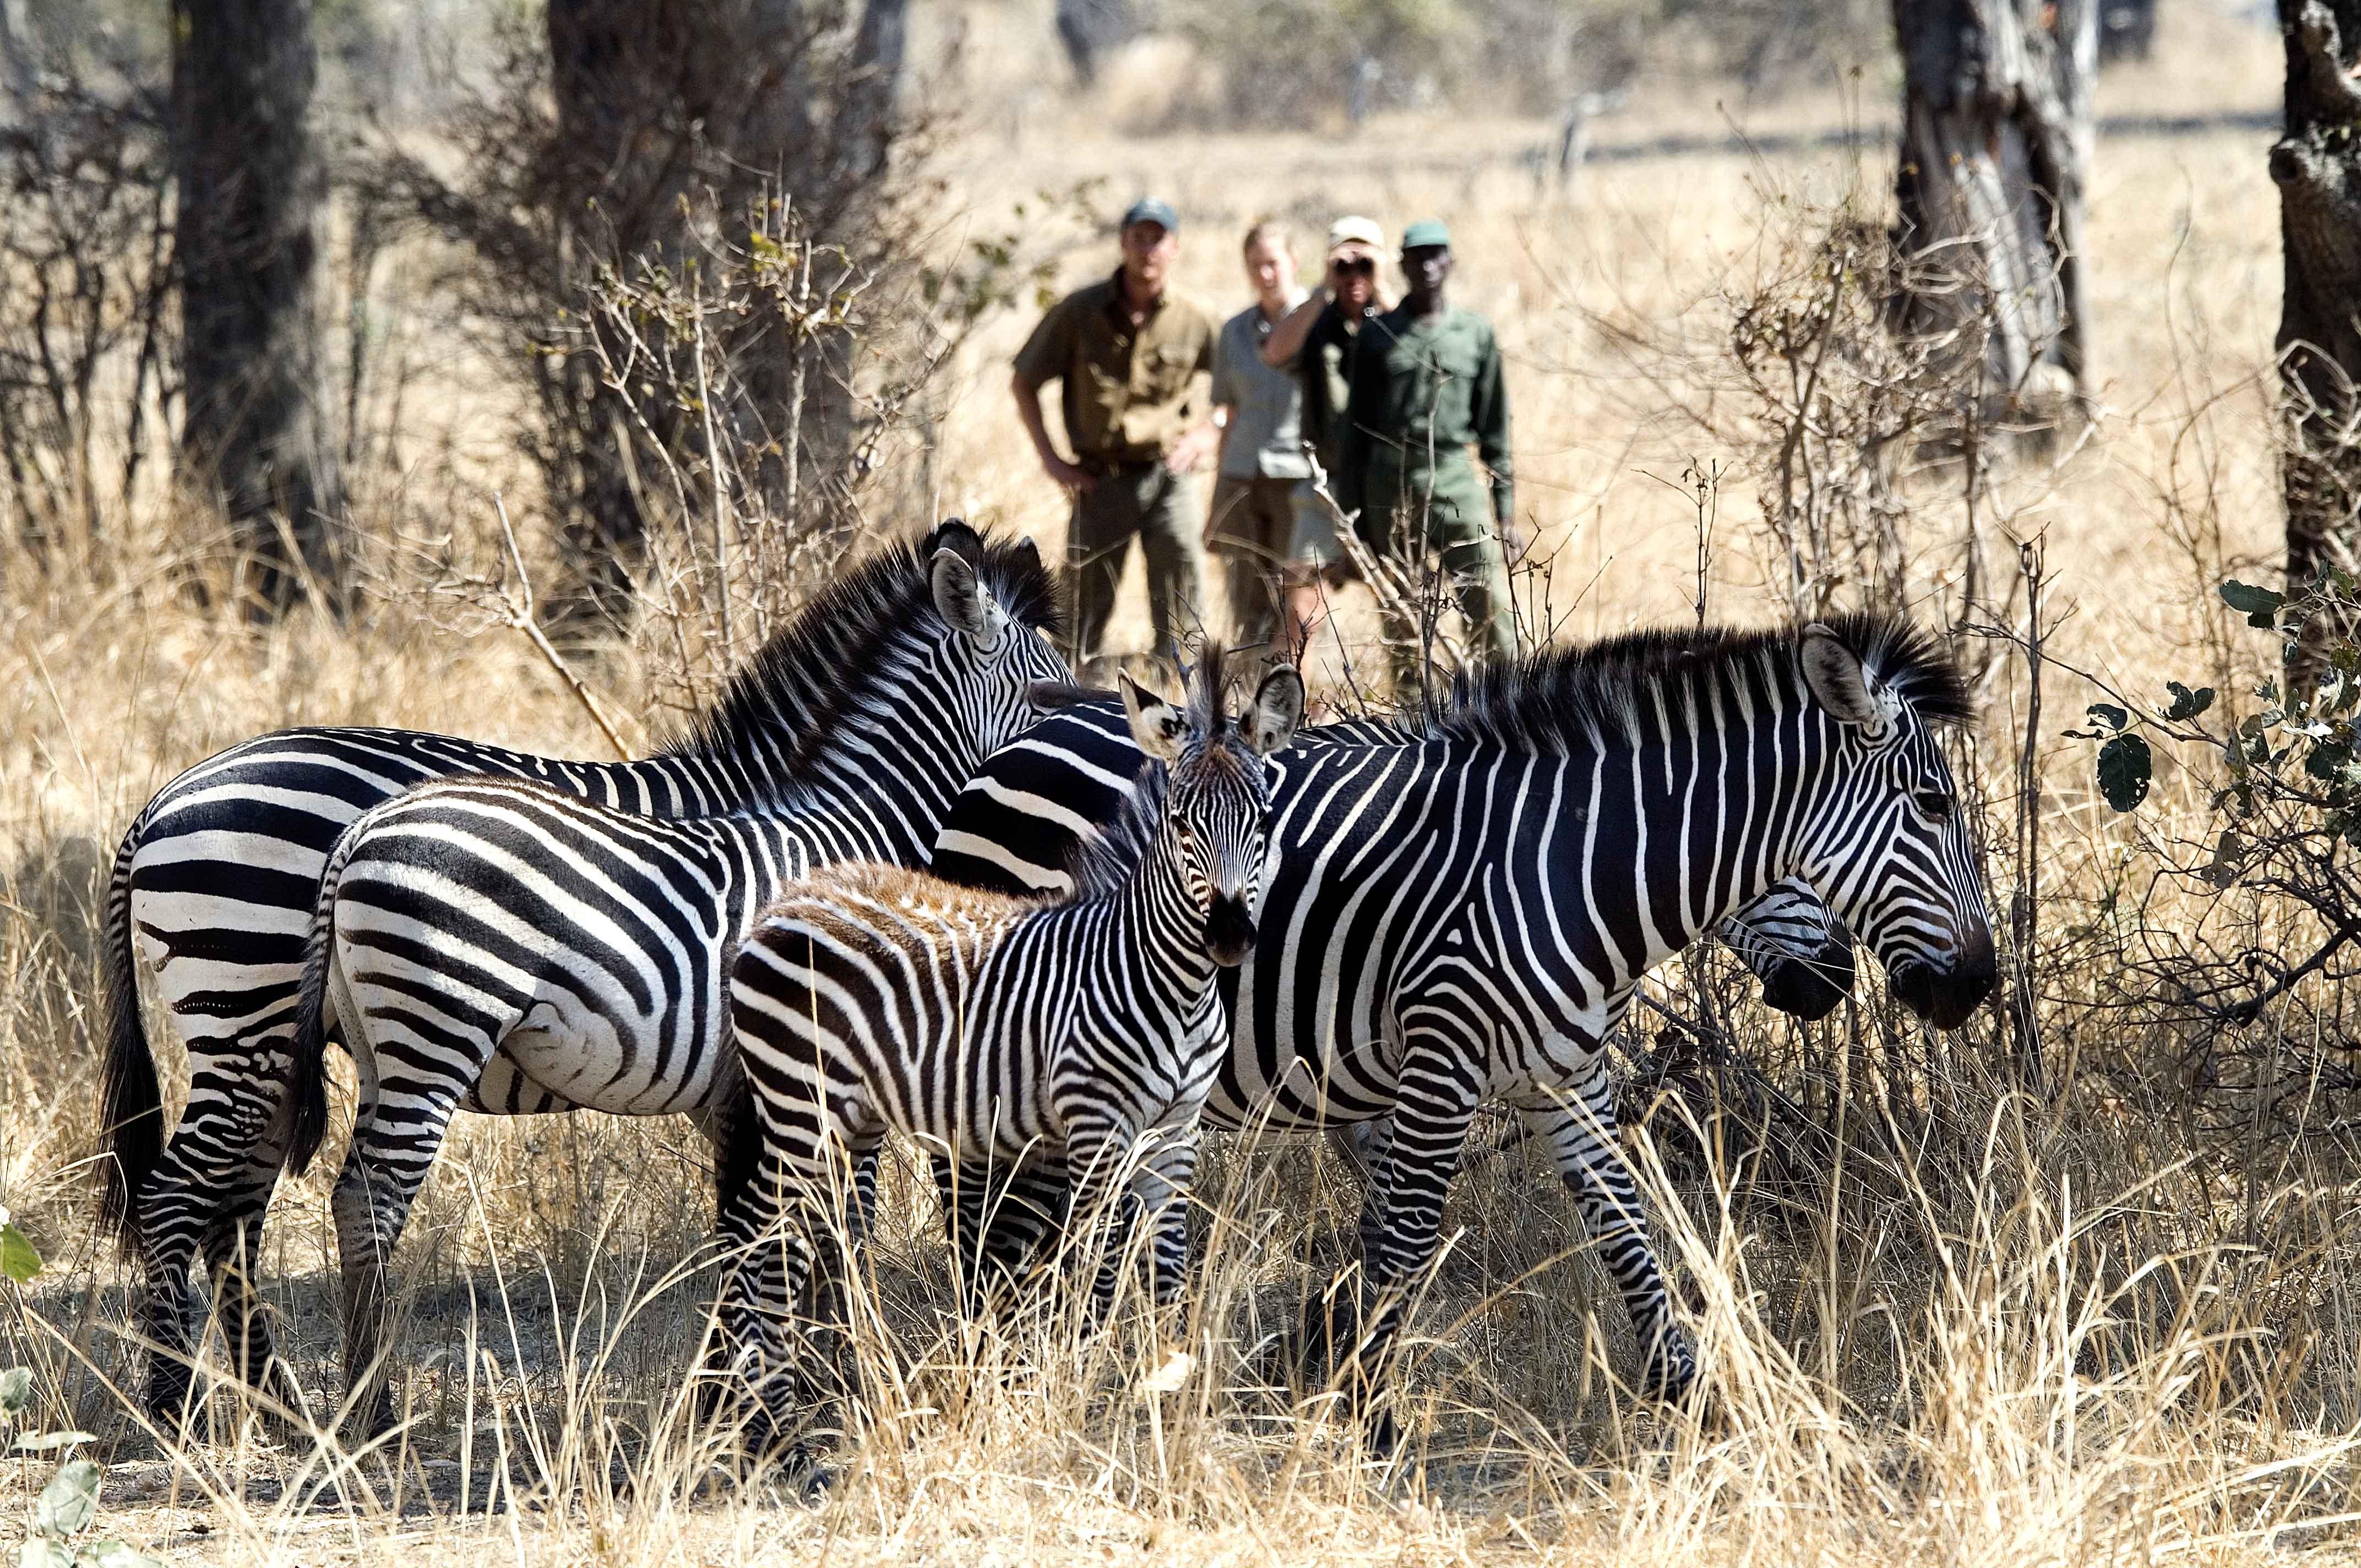 three people on a walking safari viewing zebra